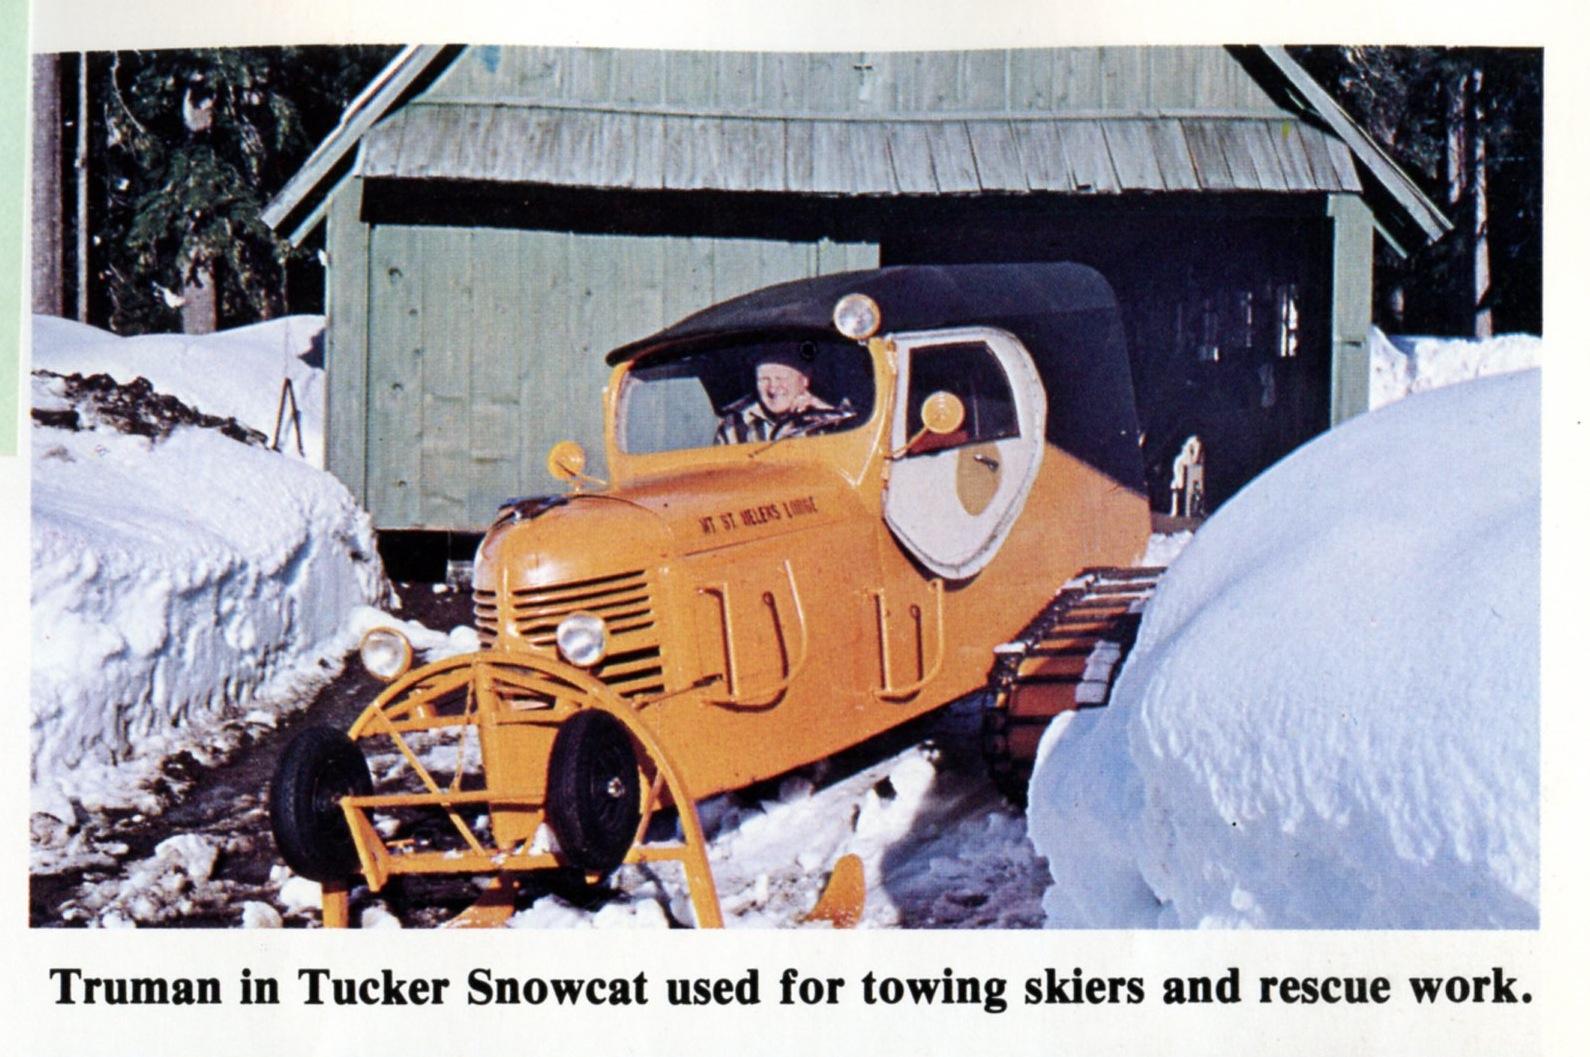 Harry Truman in Cat ski.jpg